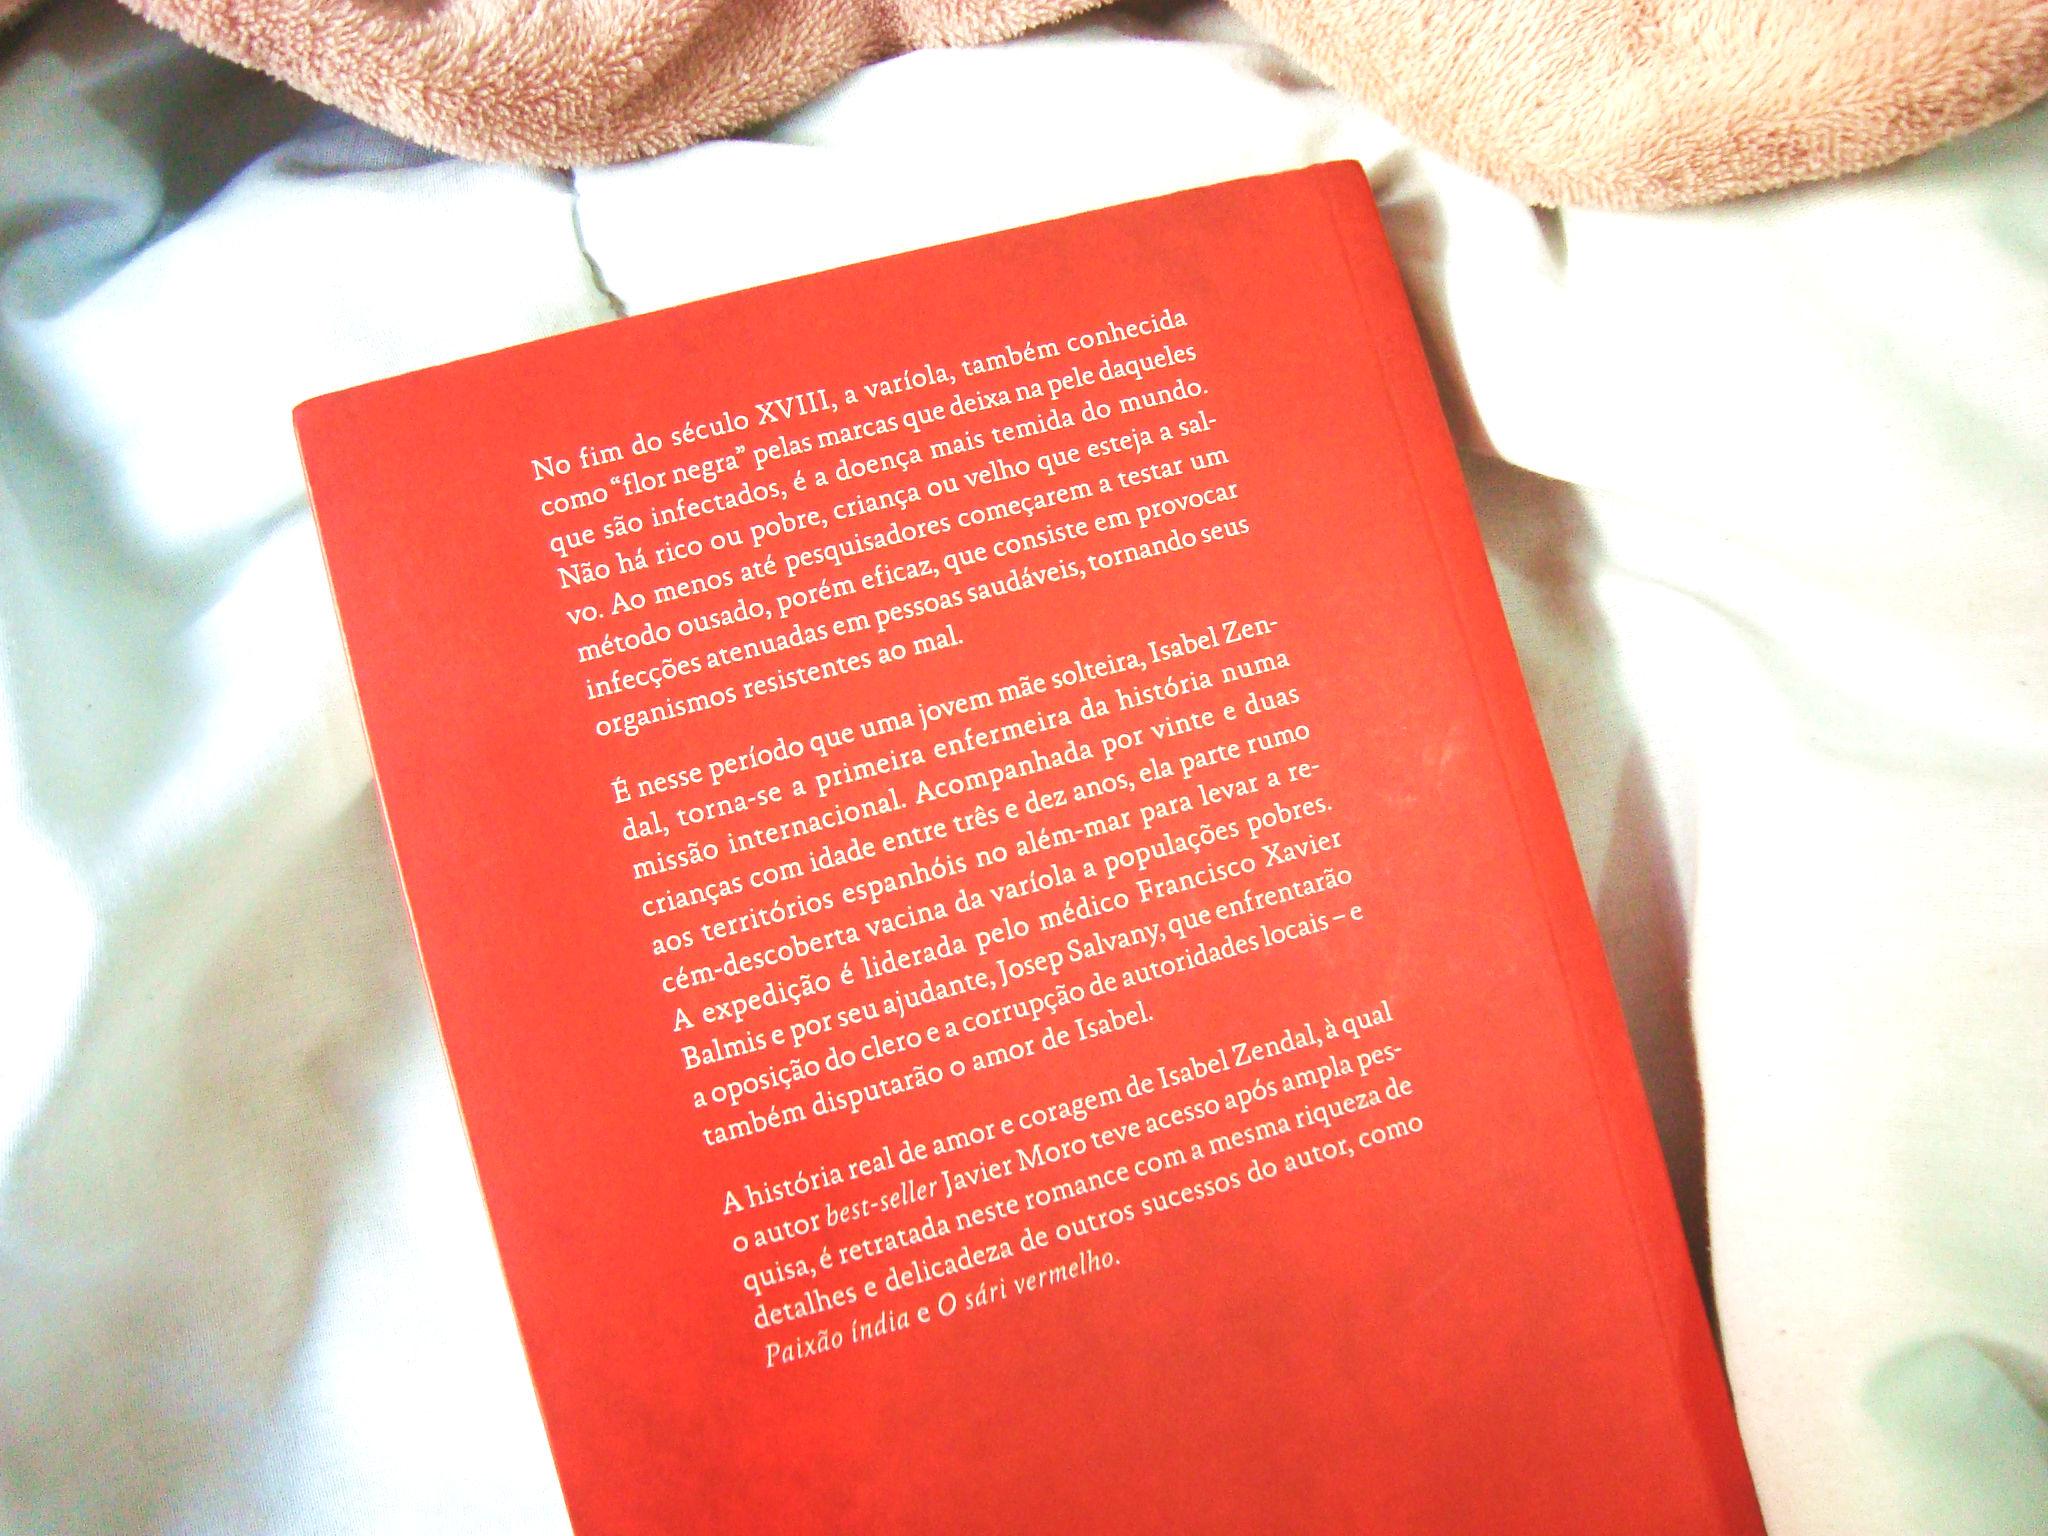 Livro Flor da Pele - Contracapa - Javier Moro